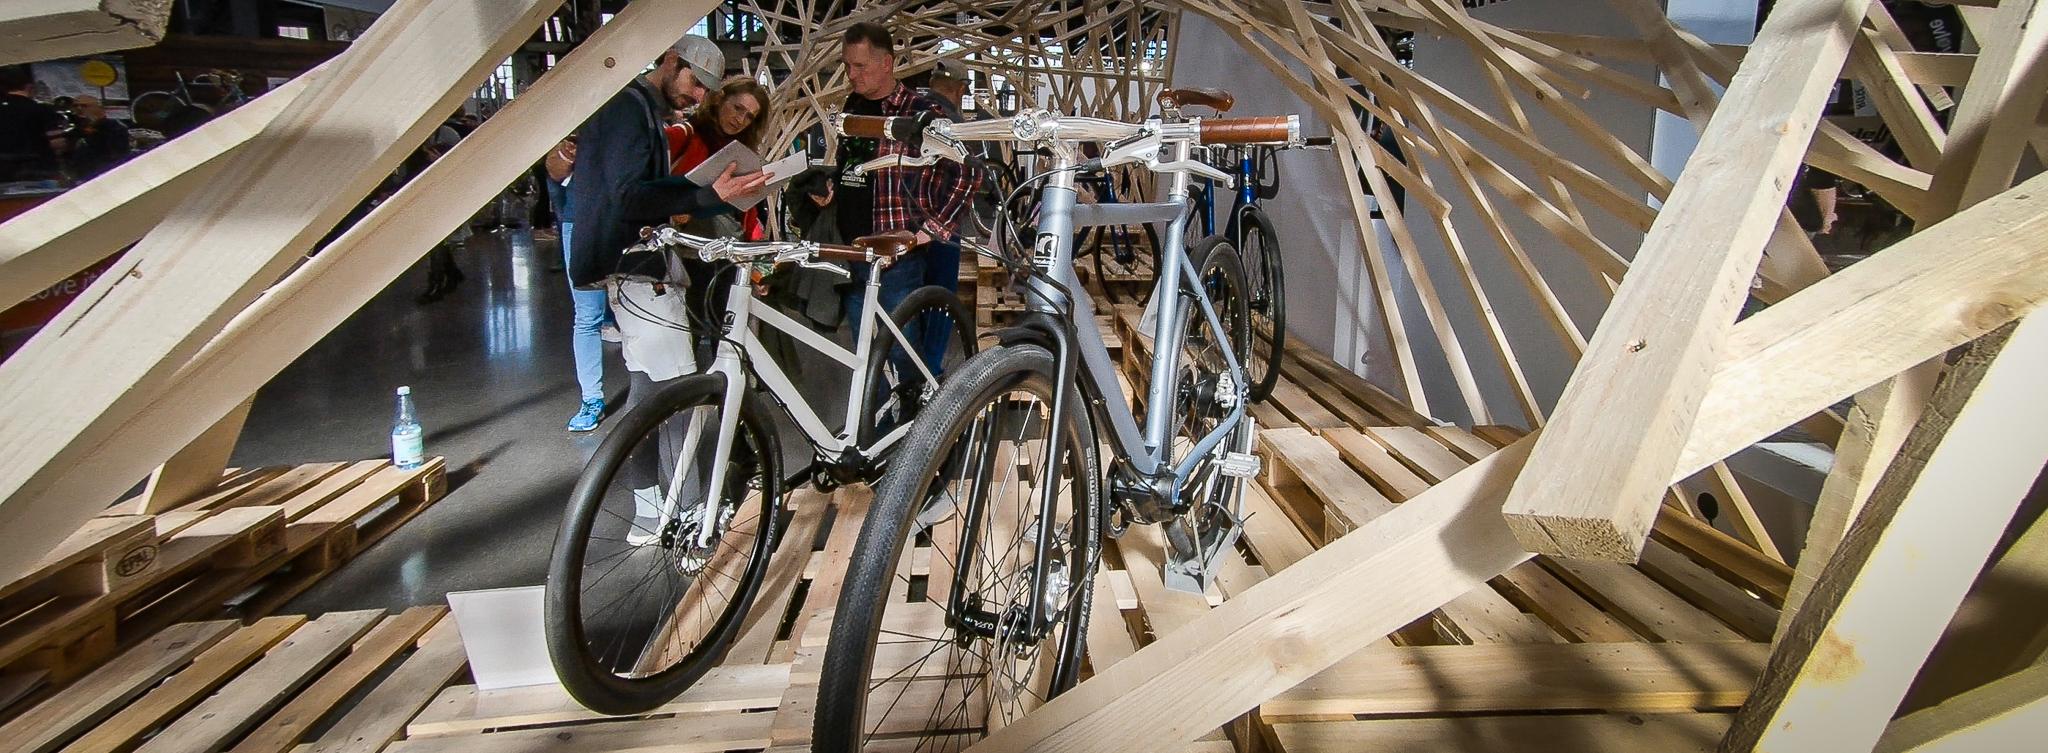 E-Bike Highlights von der Cyclingworld Düsseldorf – Mittendrin in der Rad- und E-Bike (R)Evolution